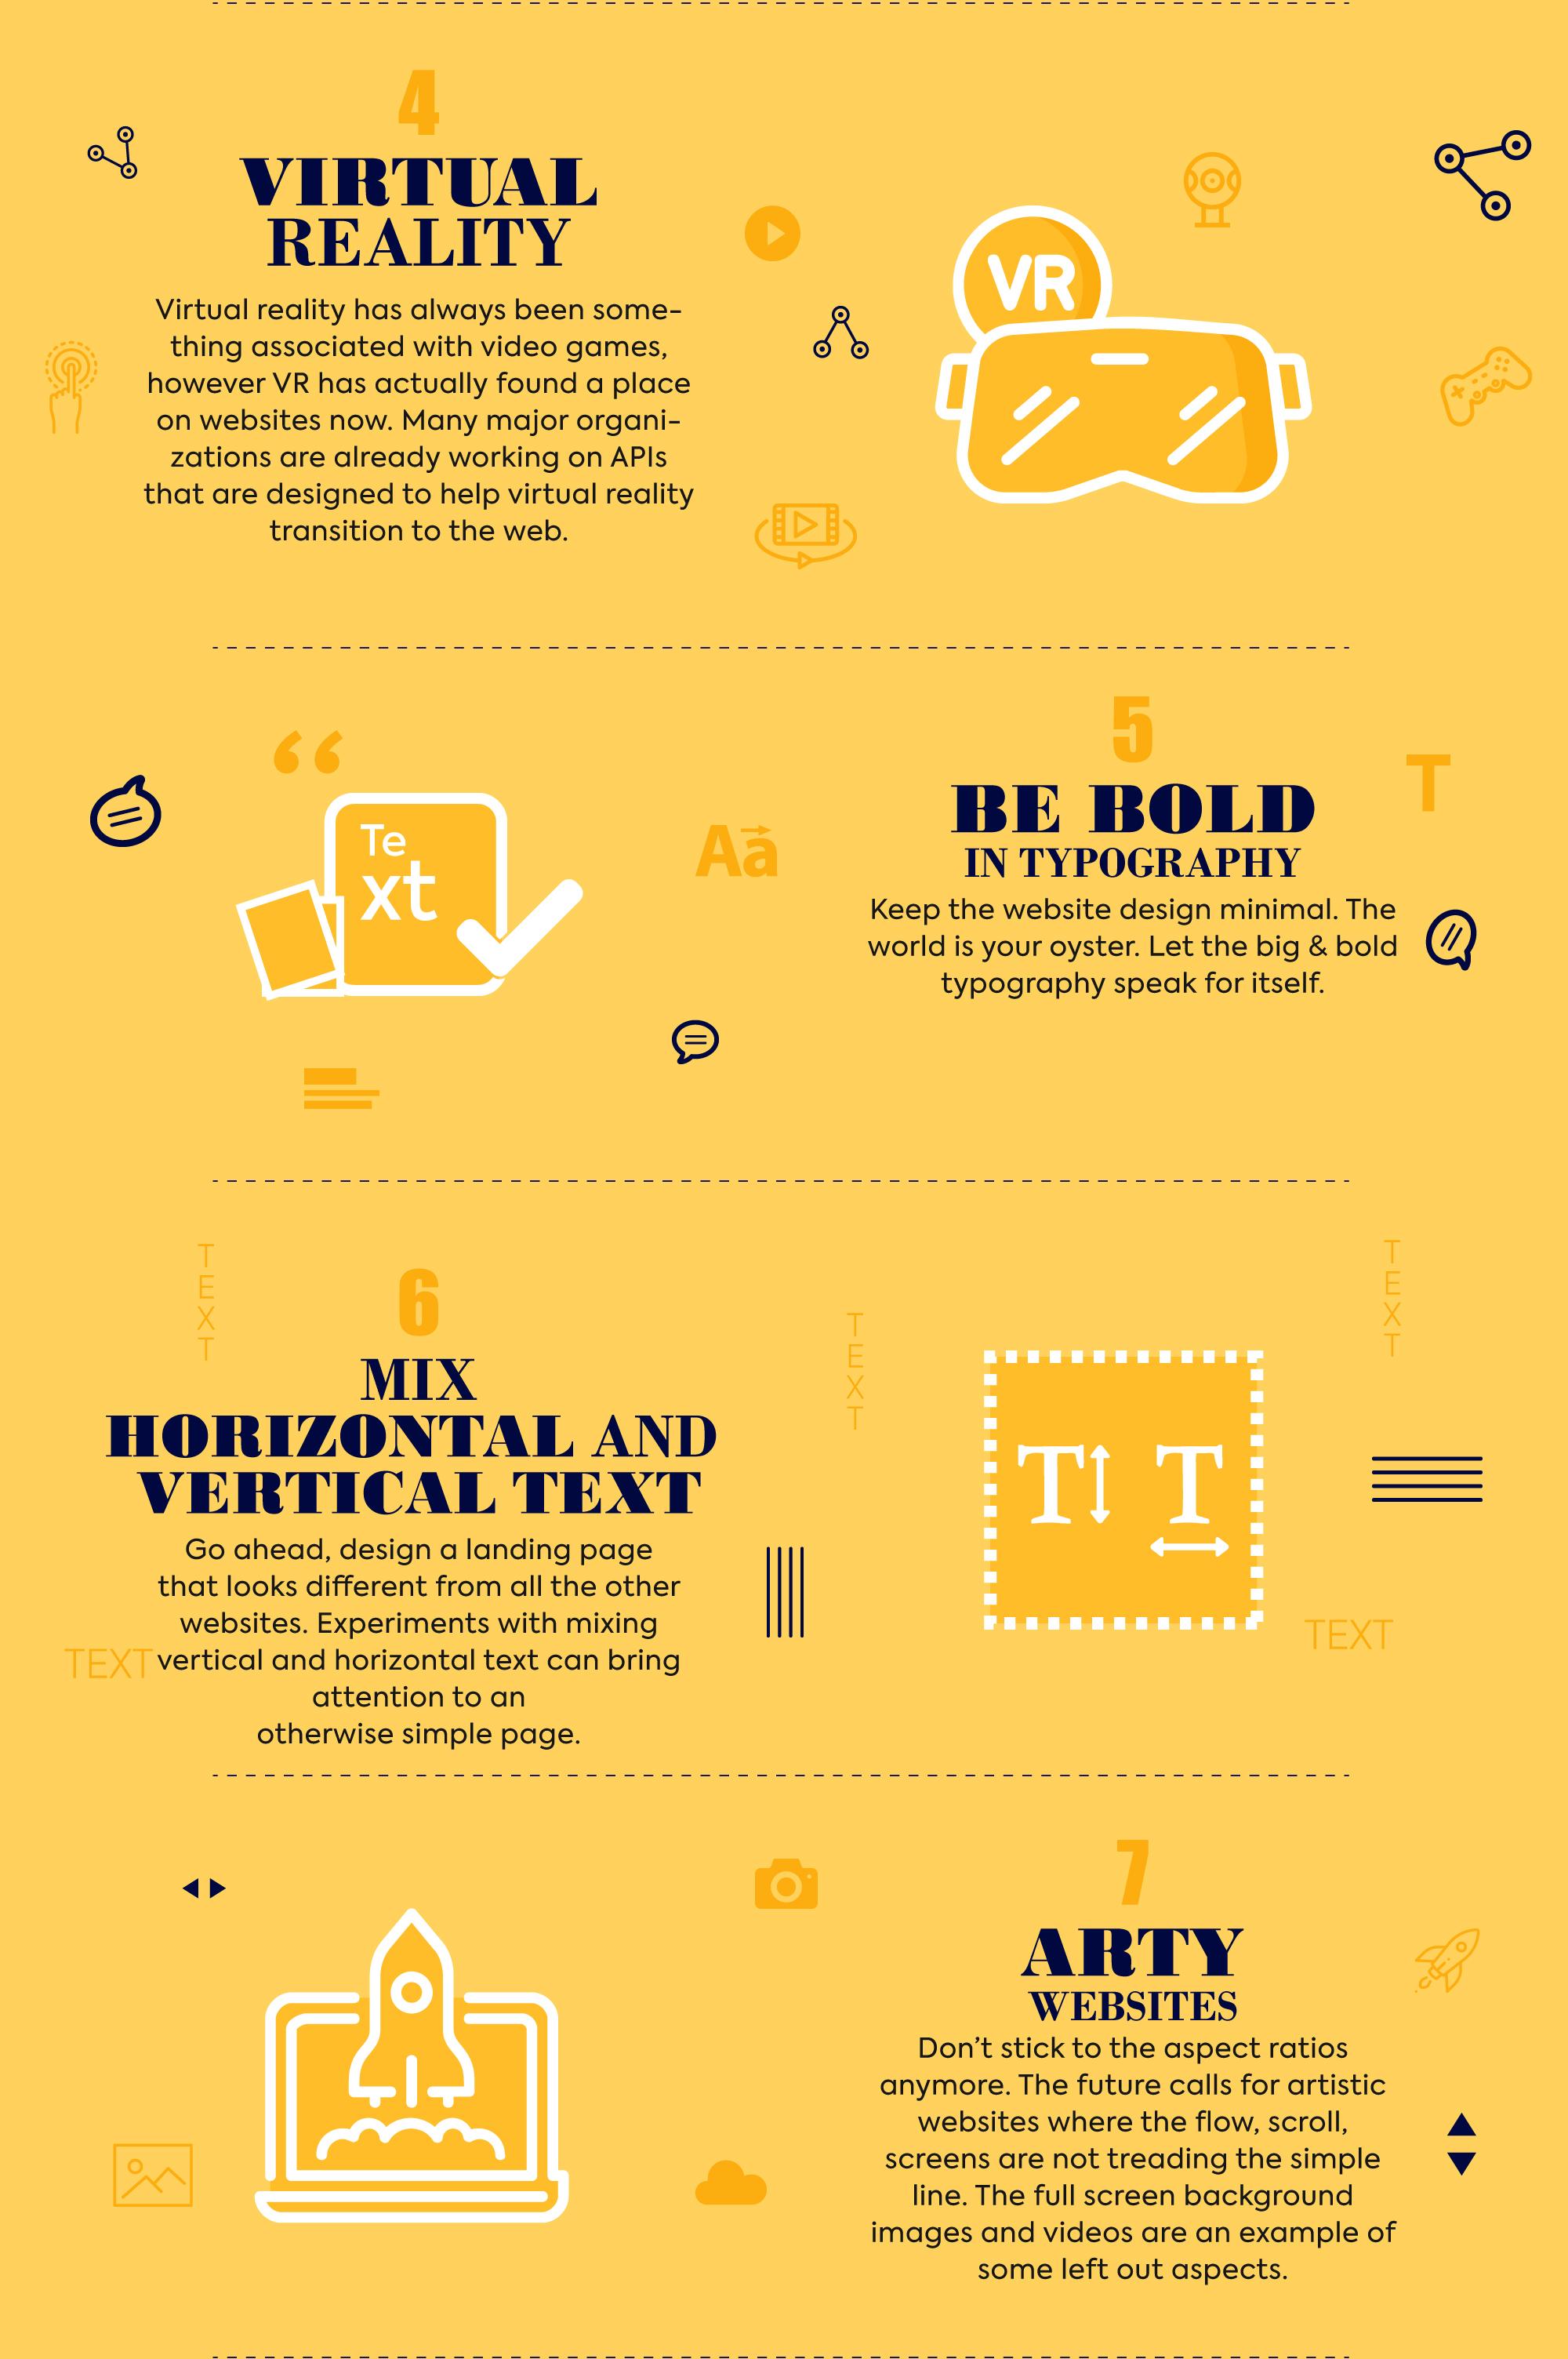 Web-Design-Trends-Part-II